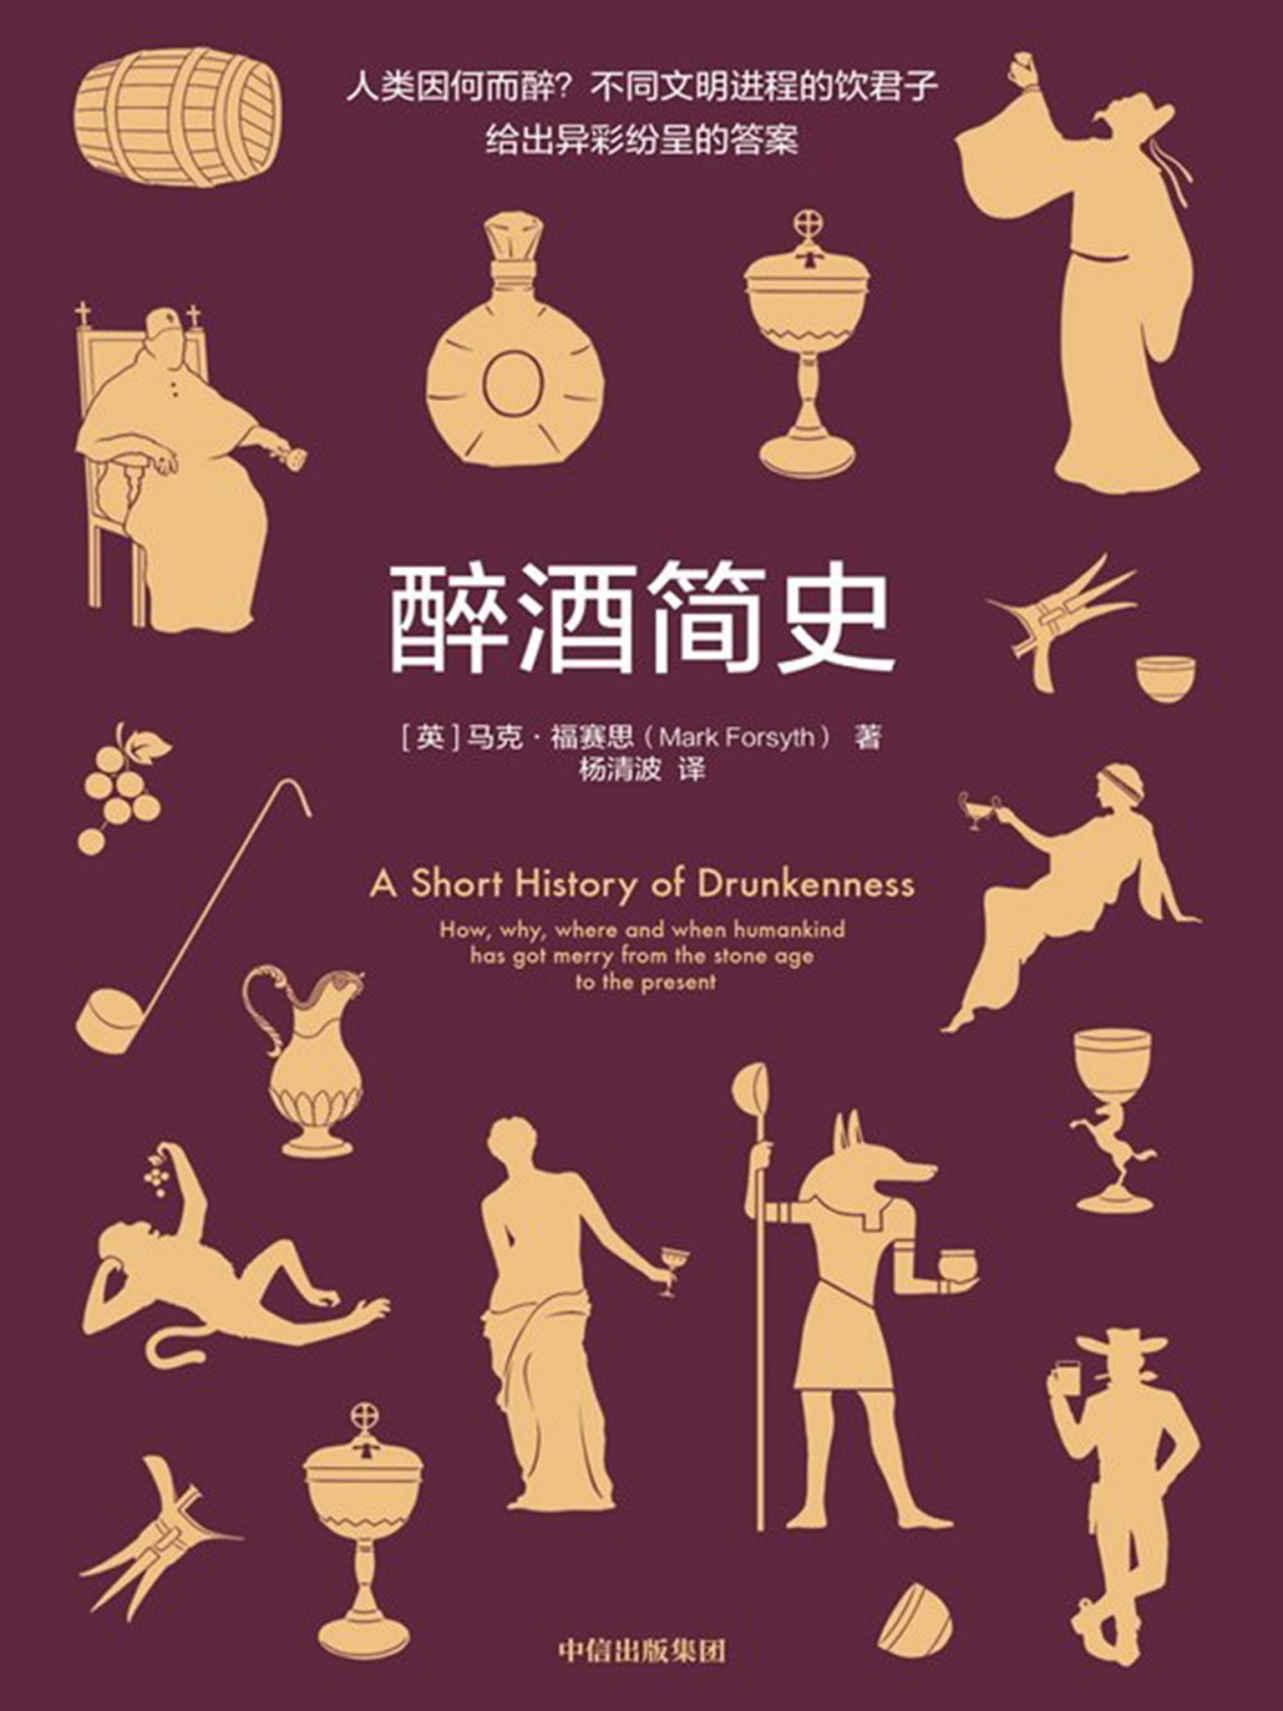 醉酒簡史 - 馬克 福賽思 - 中信出版社 (養生保健、茶酒飲品、飲食文化) (2020-09-29) (封面)